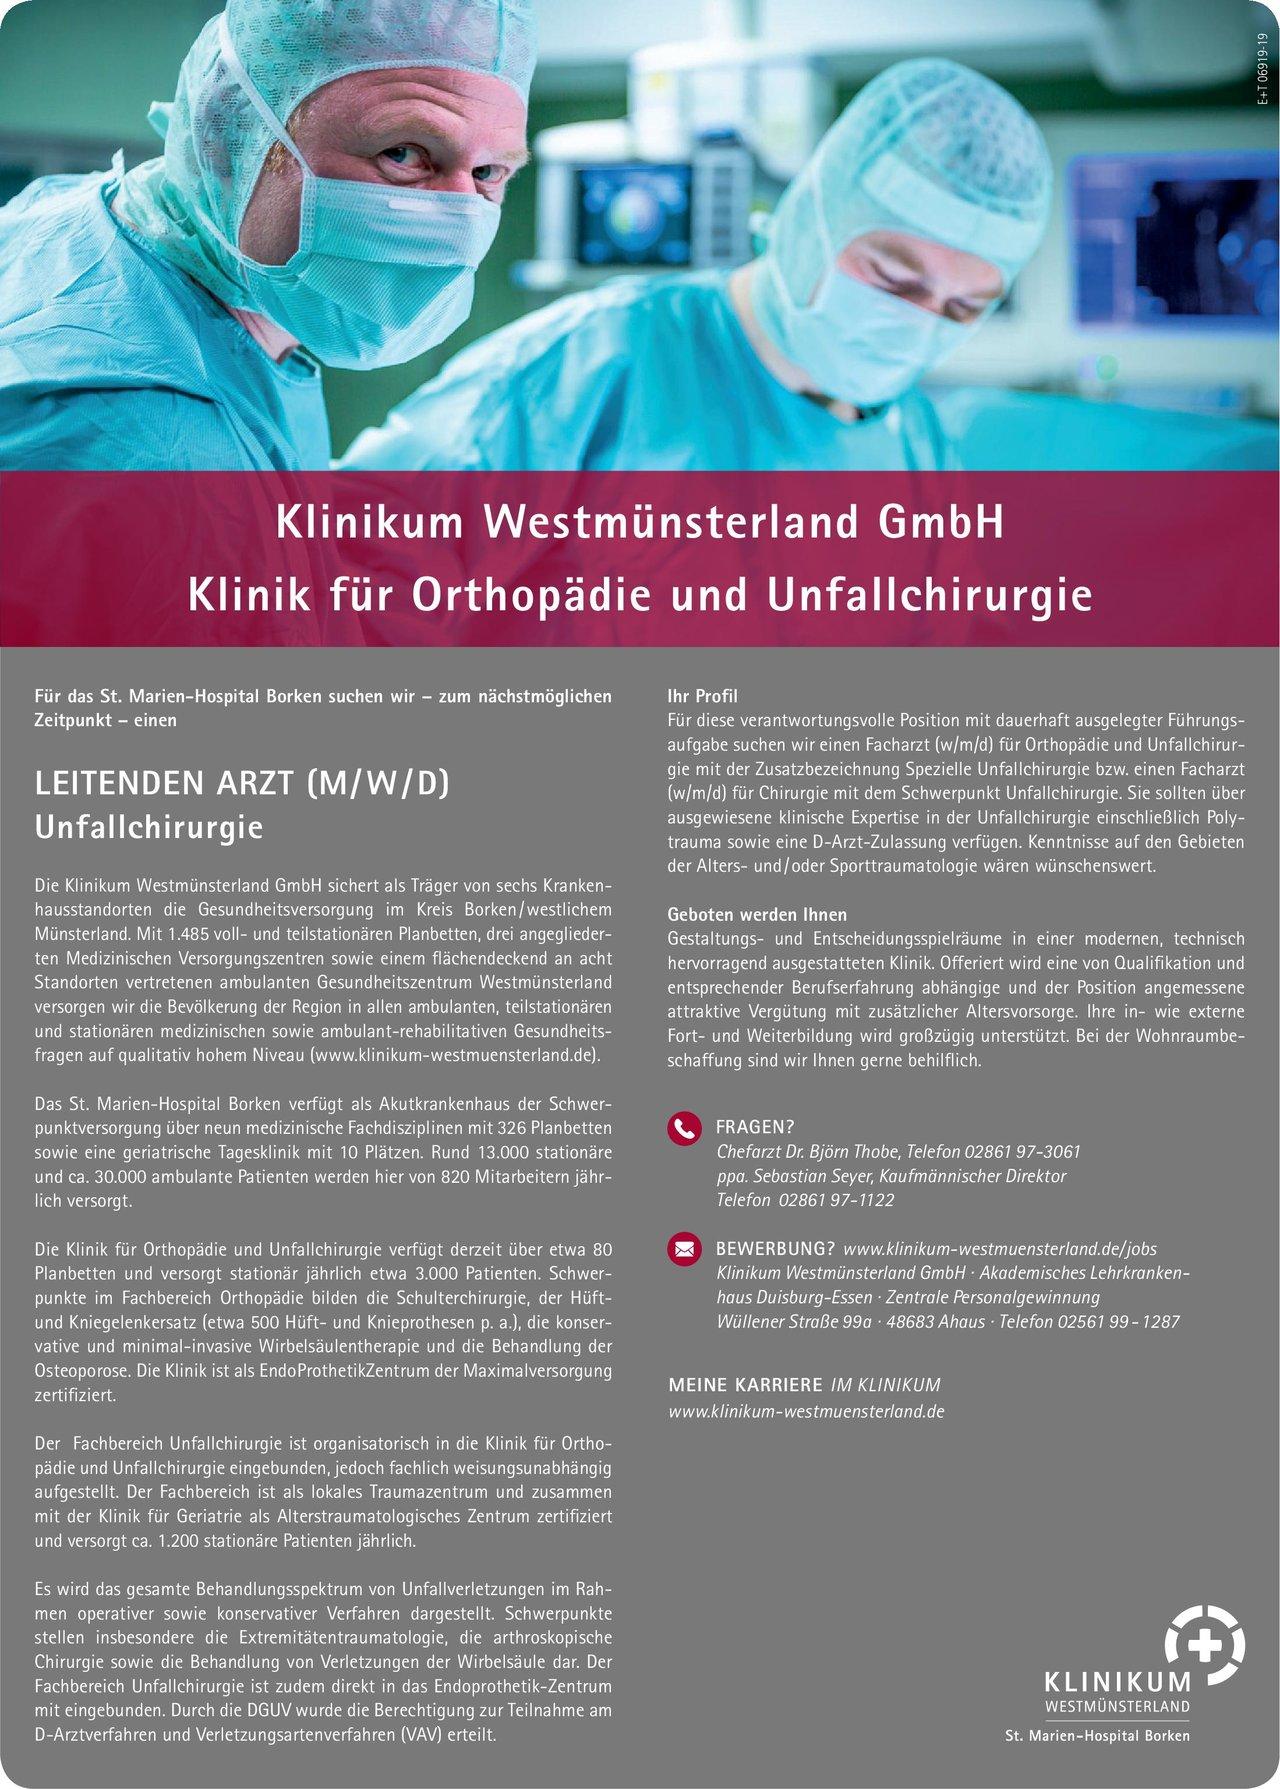 Klinikum Westmünsterland GmbH · Leitender Arzt (m/w/d) Unfallchirurgie  Orthopädie und Unfallchirurgie, Chirurgie Ärztl. Leiter